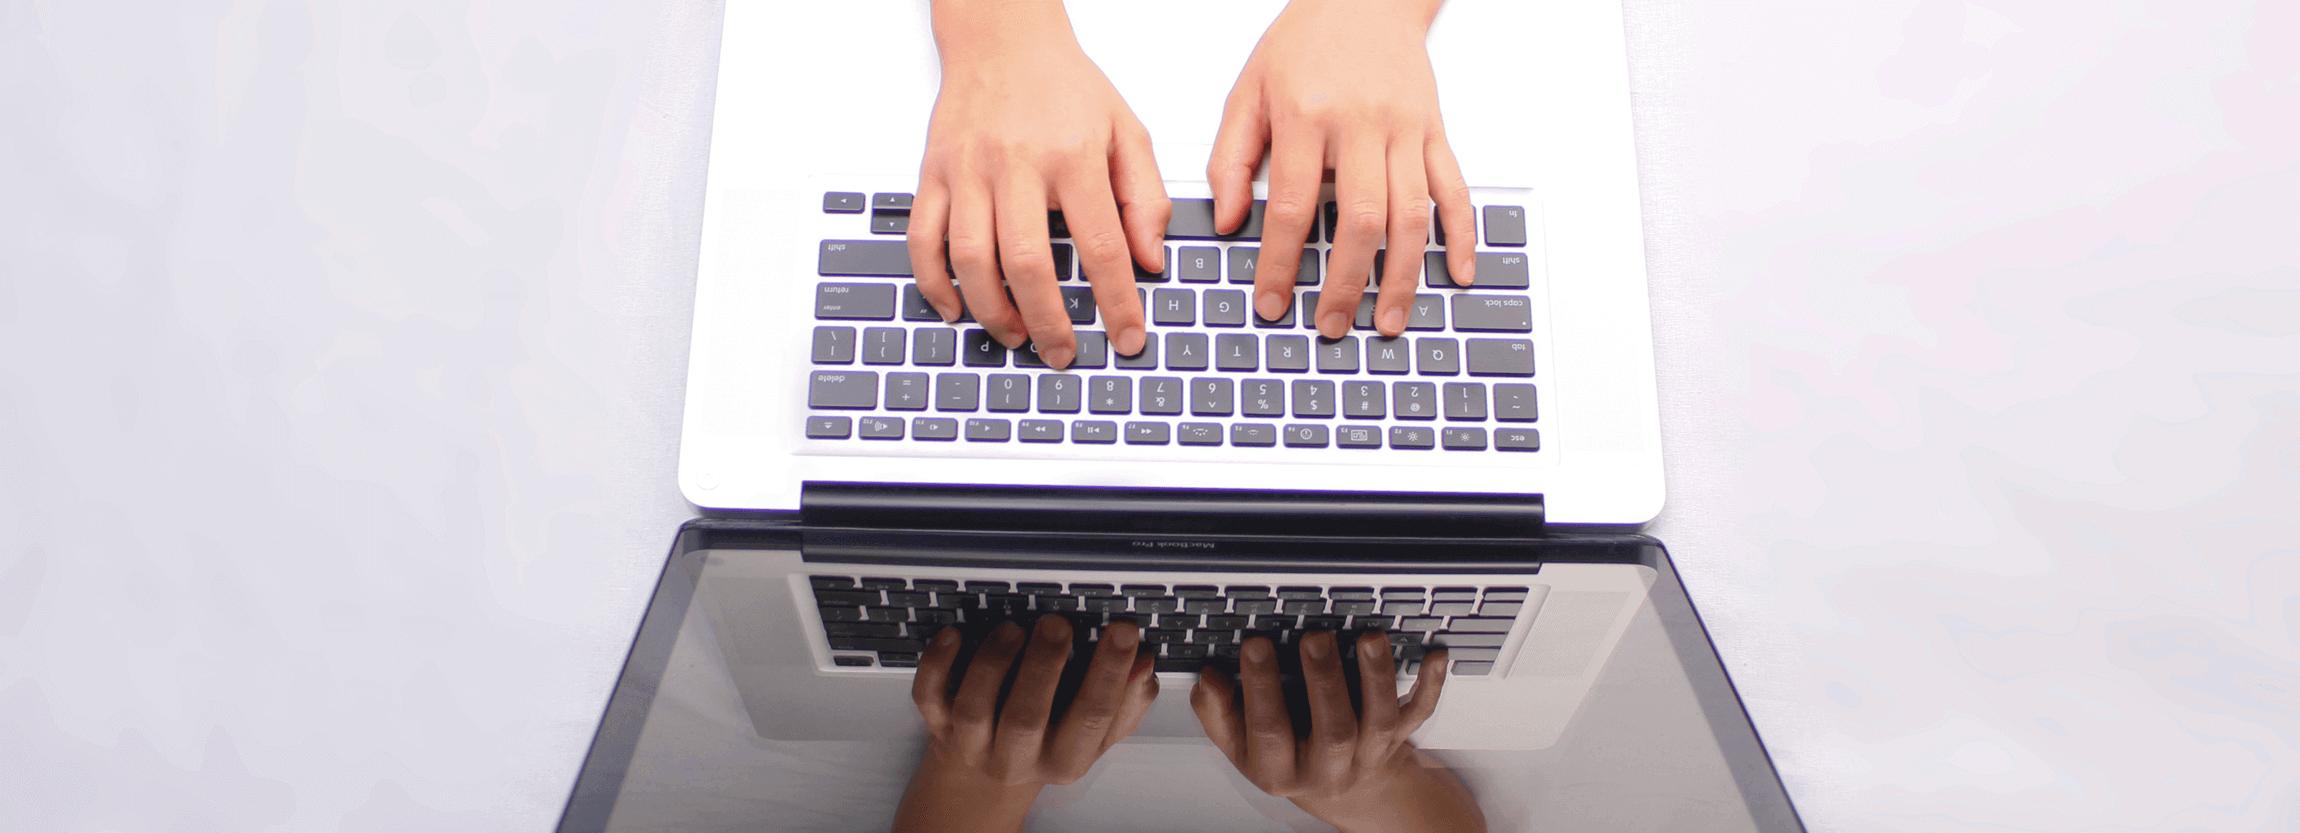 wachtwoord schrijven op laptop urenregistratie dyflexis